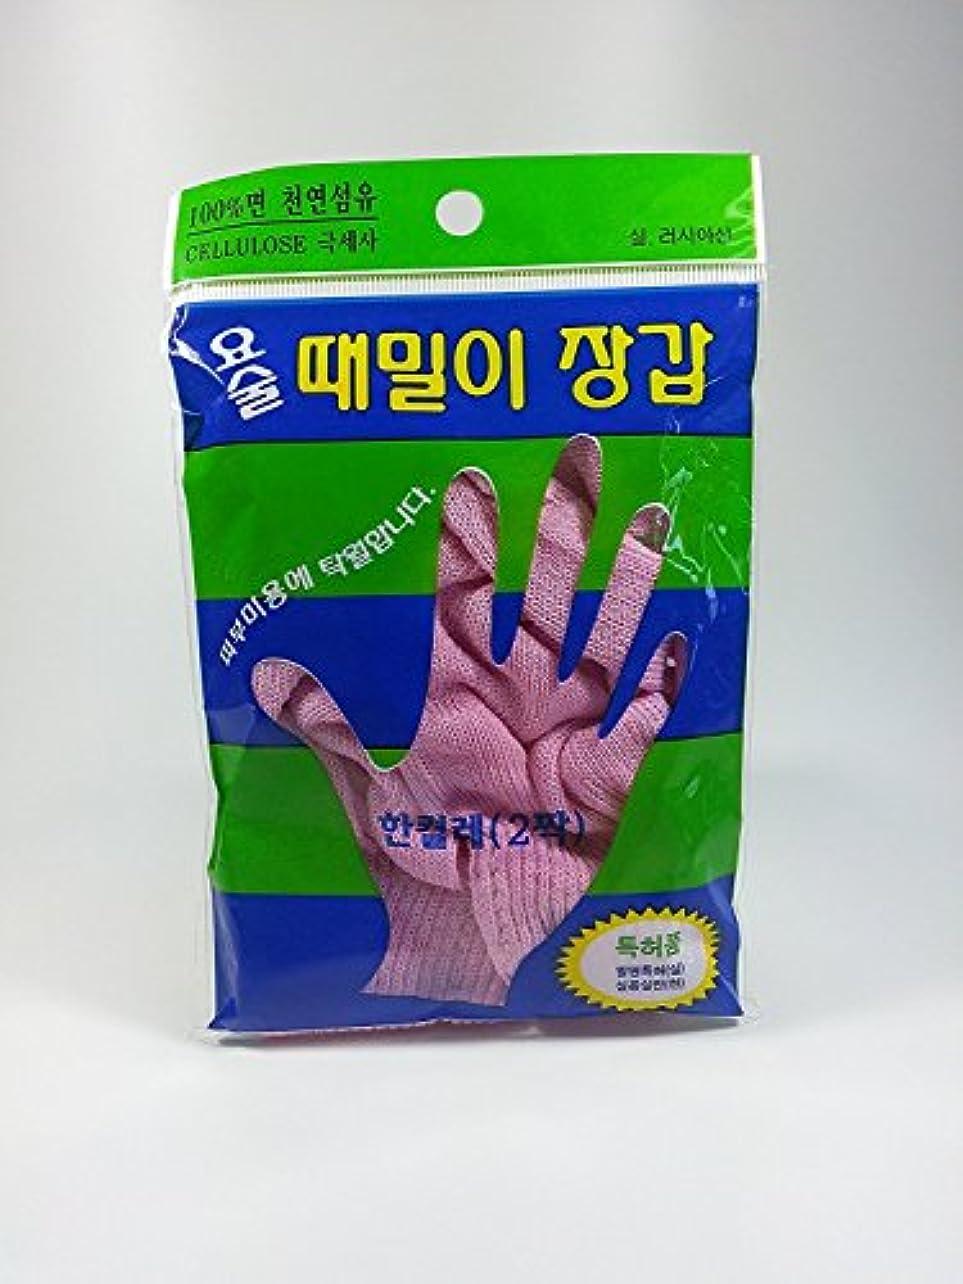 火星豊かな時制ジョンジュン産業 韓国式 垢すり 手袋 バスグローブ 5本指 ボディスクラブ 100% 天然セルロース繊維製 ???? ??????? Magic Korean Body Back Scrub [並行輸入品]